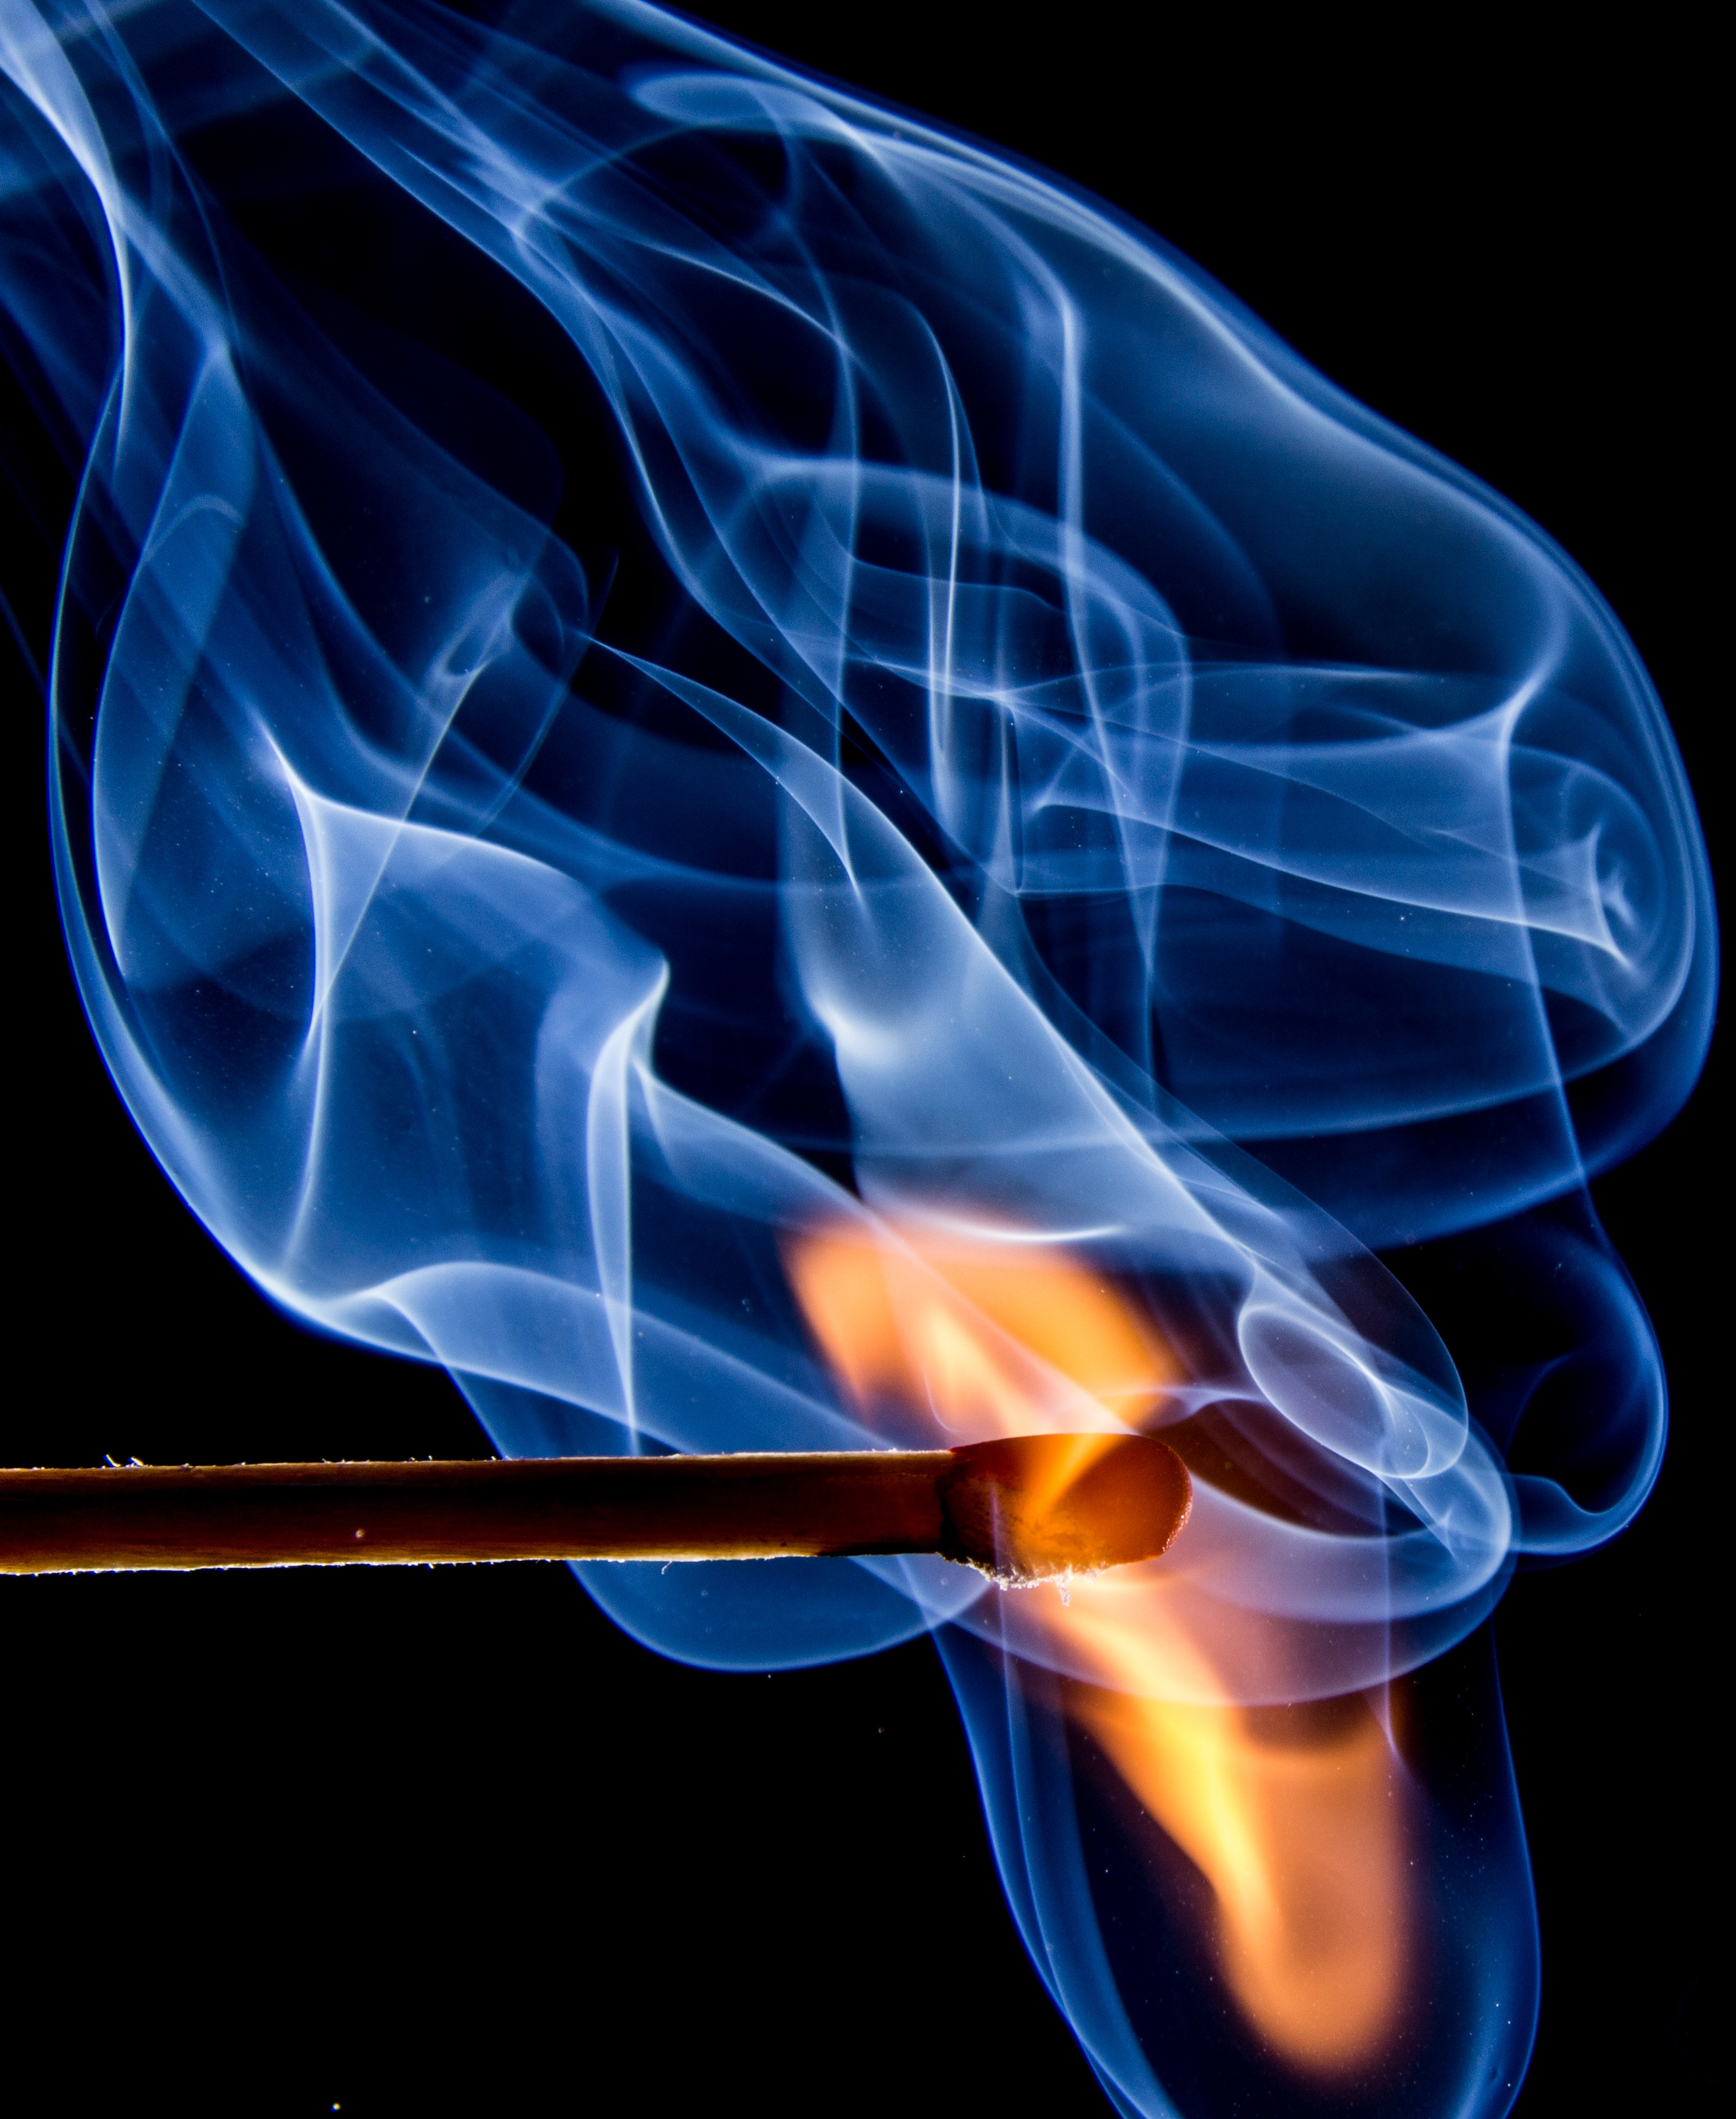 141638 Заставки и Обои Огонь на телефон. Скачать Дым, Огонь, Разное, Темный, Спичка картинки бесплатно